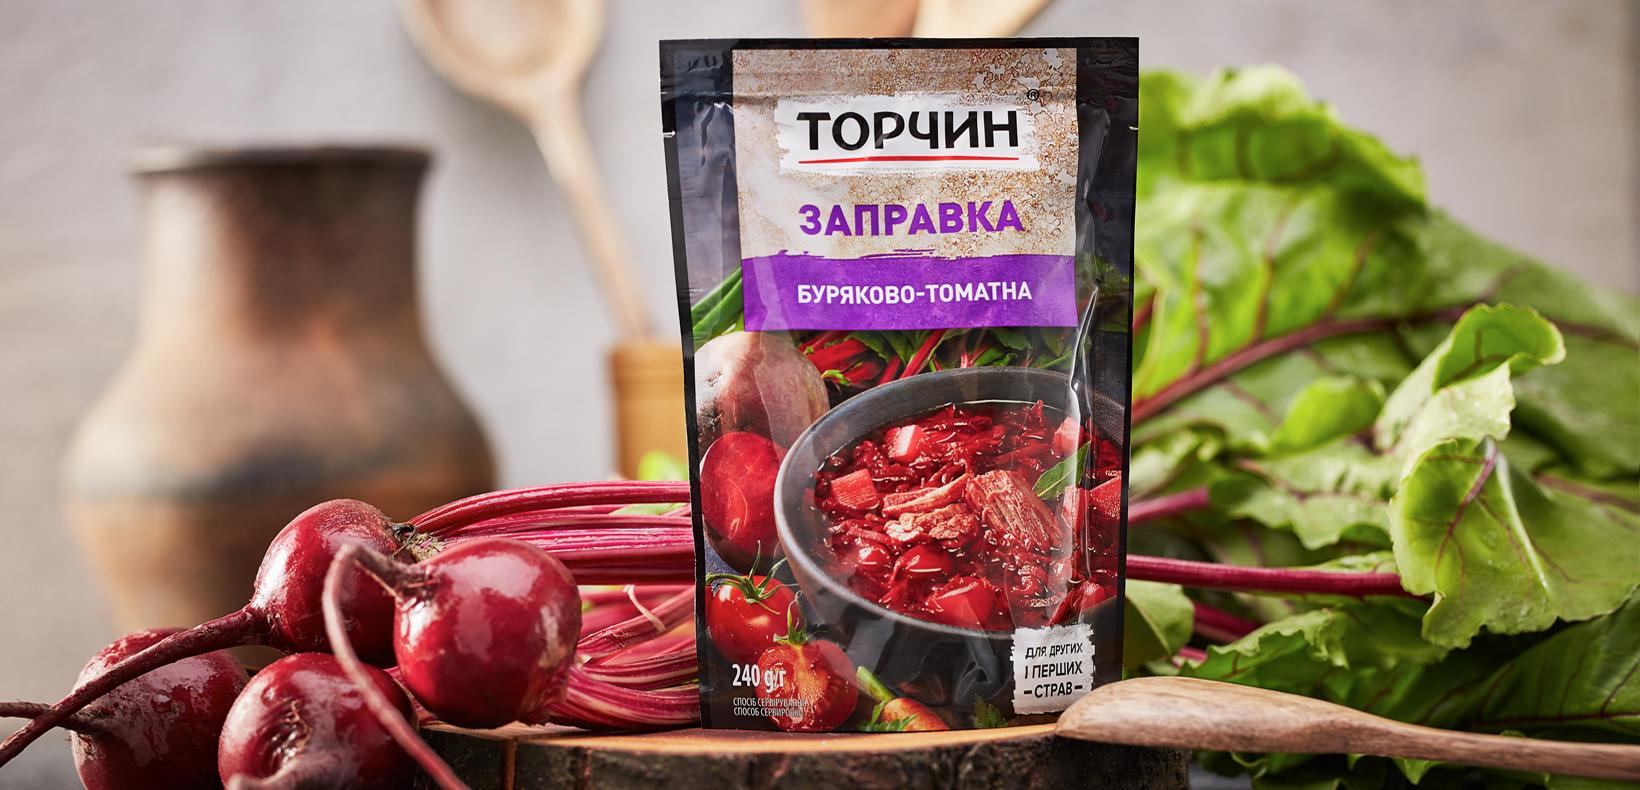 """упаковка """"Торчин"""" заправка буряково-томатная"""